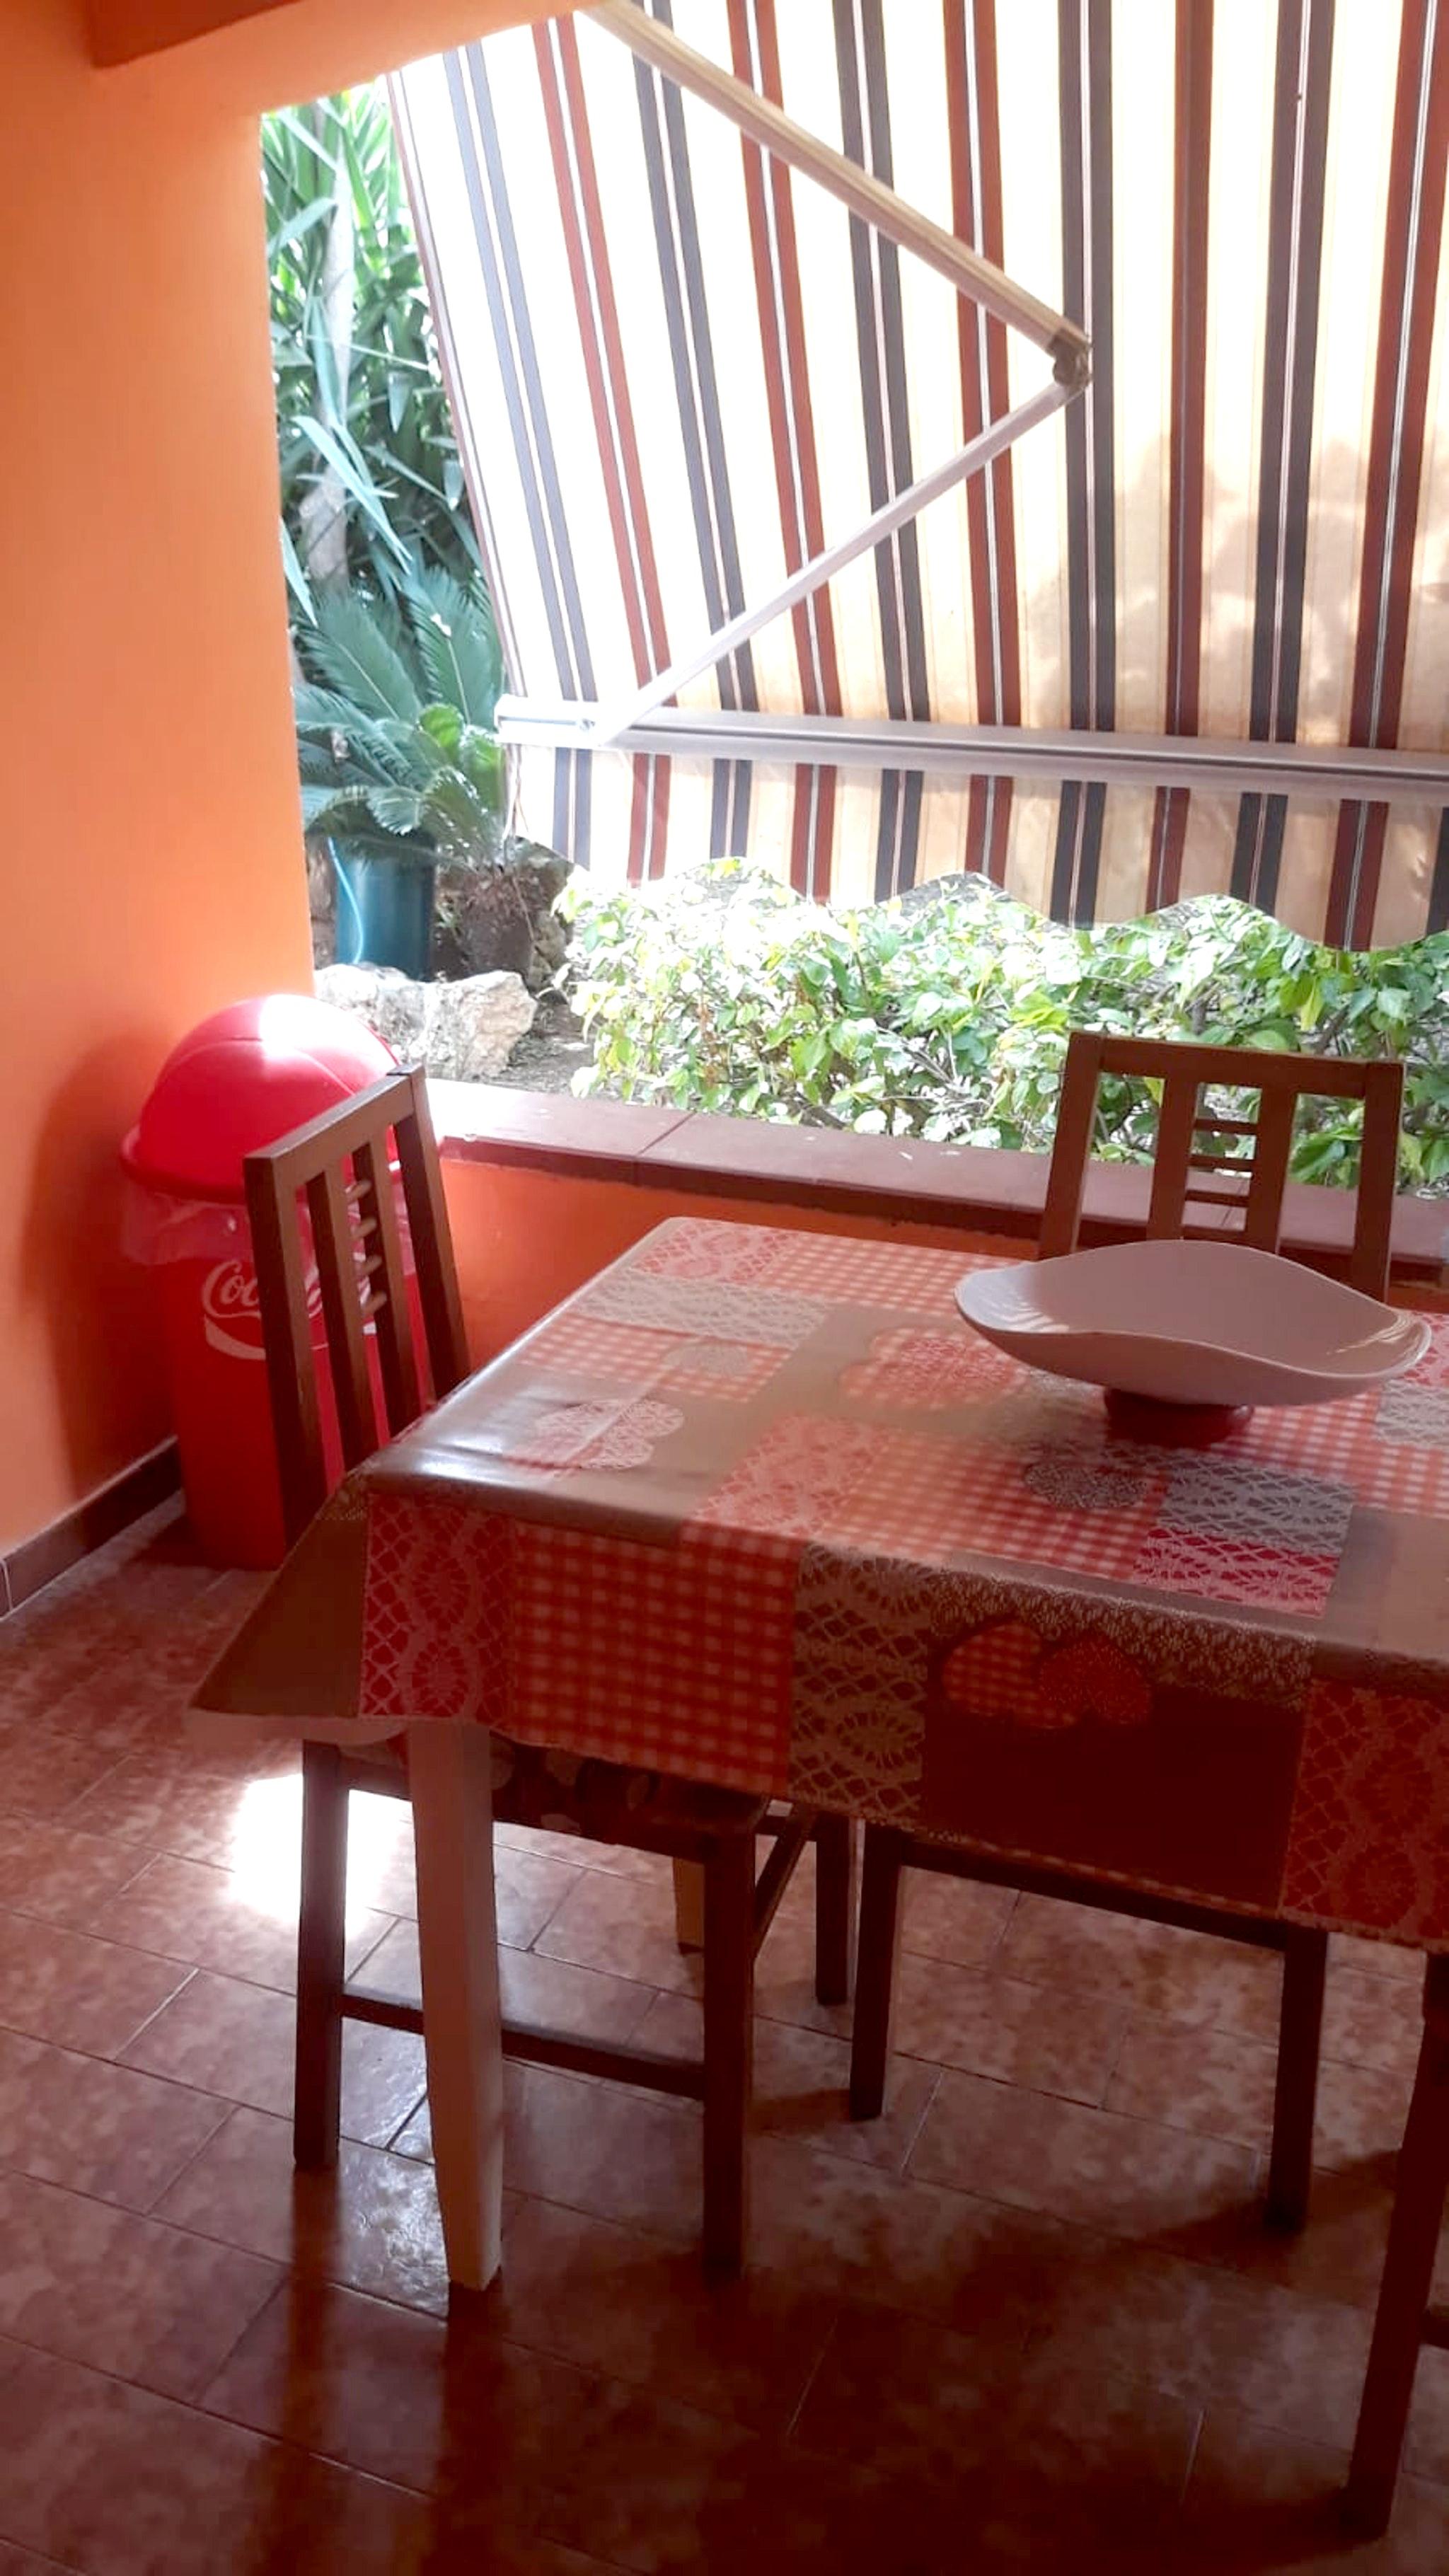 Appartement de vacances Wohnung mit 2 Schlafzimmern in Cicirata mit herrlichem Meerblick, Pool, eingezäuntem Garte (2339675), Avola, Siracusa, Sicile, Italie, image 4